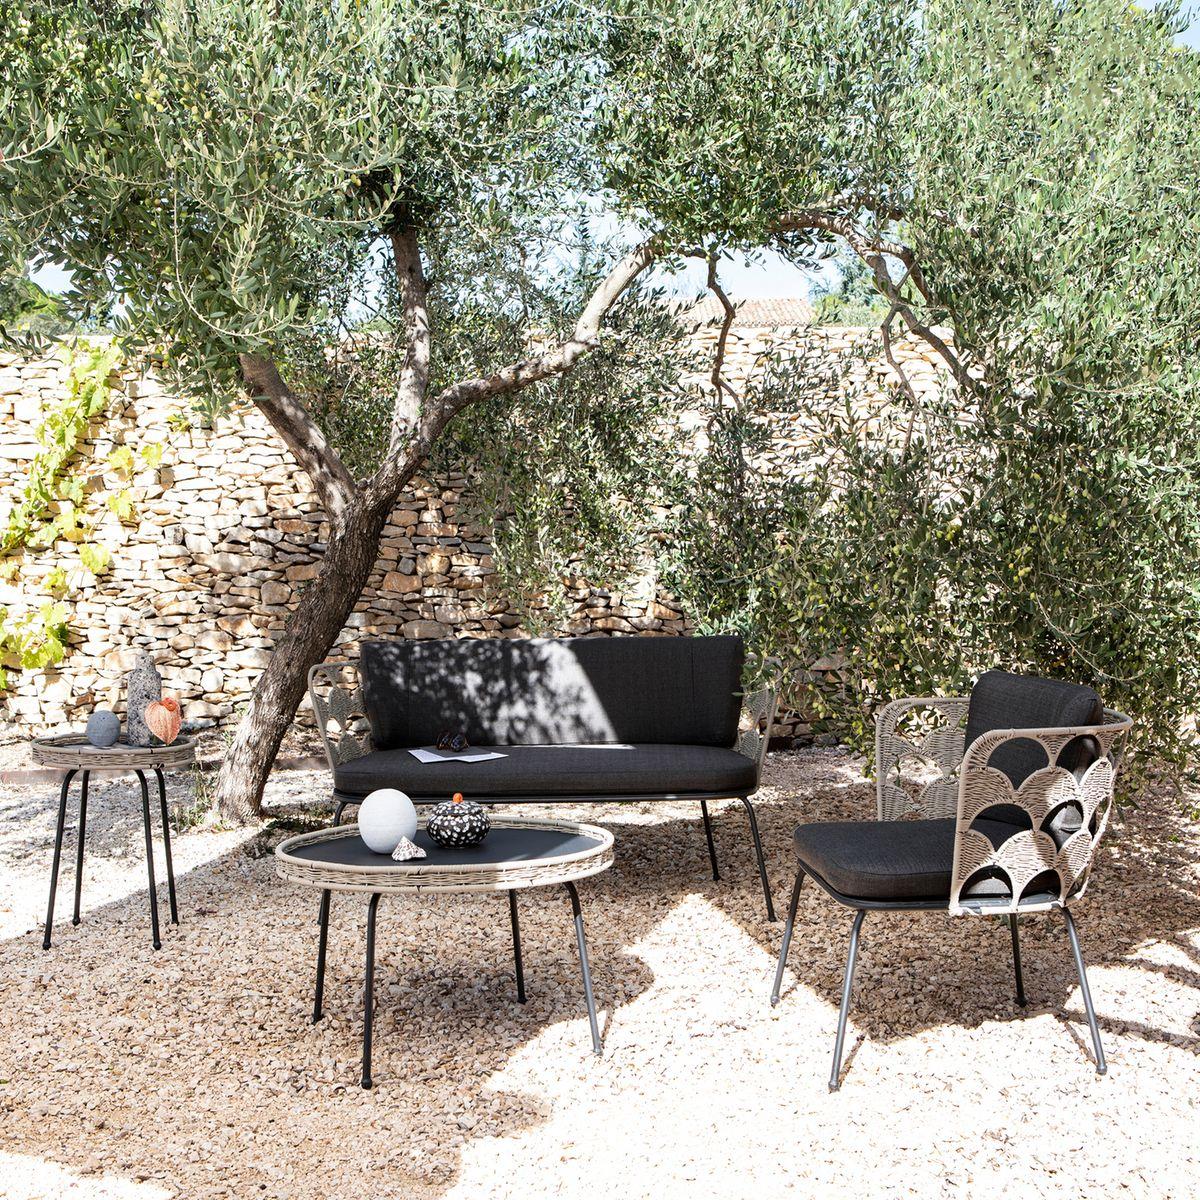 Comment Choisir Son Salon De Jardin La Redoute Avec La Redoute Meubles De Jardin Idees Conception Jardin